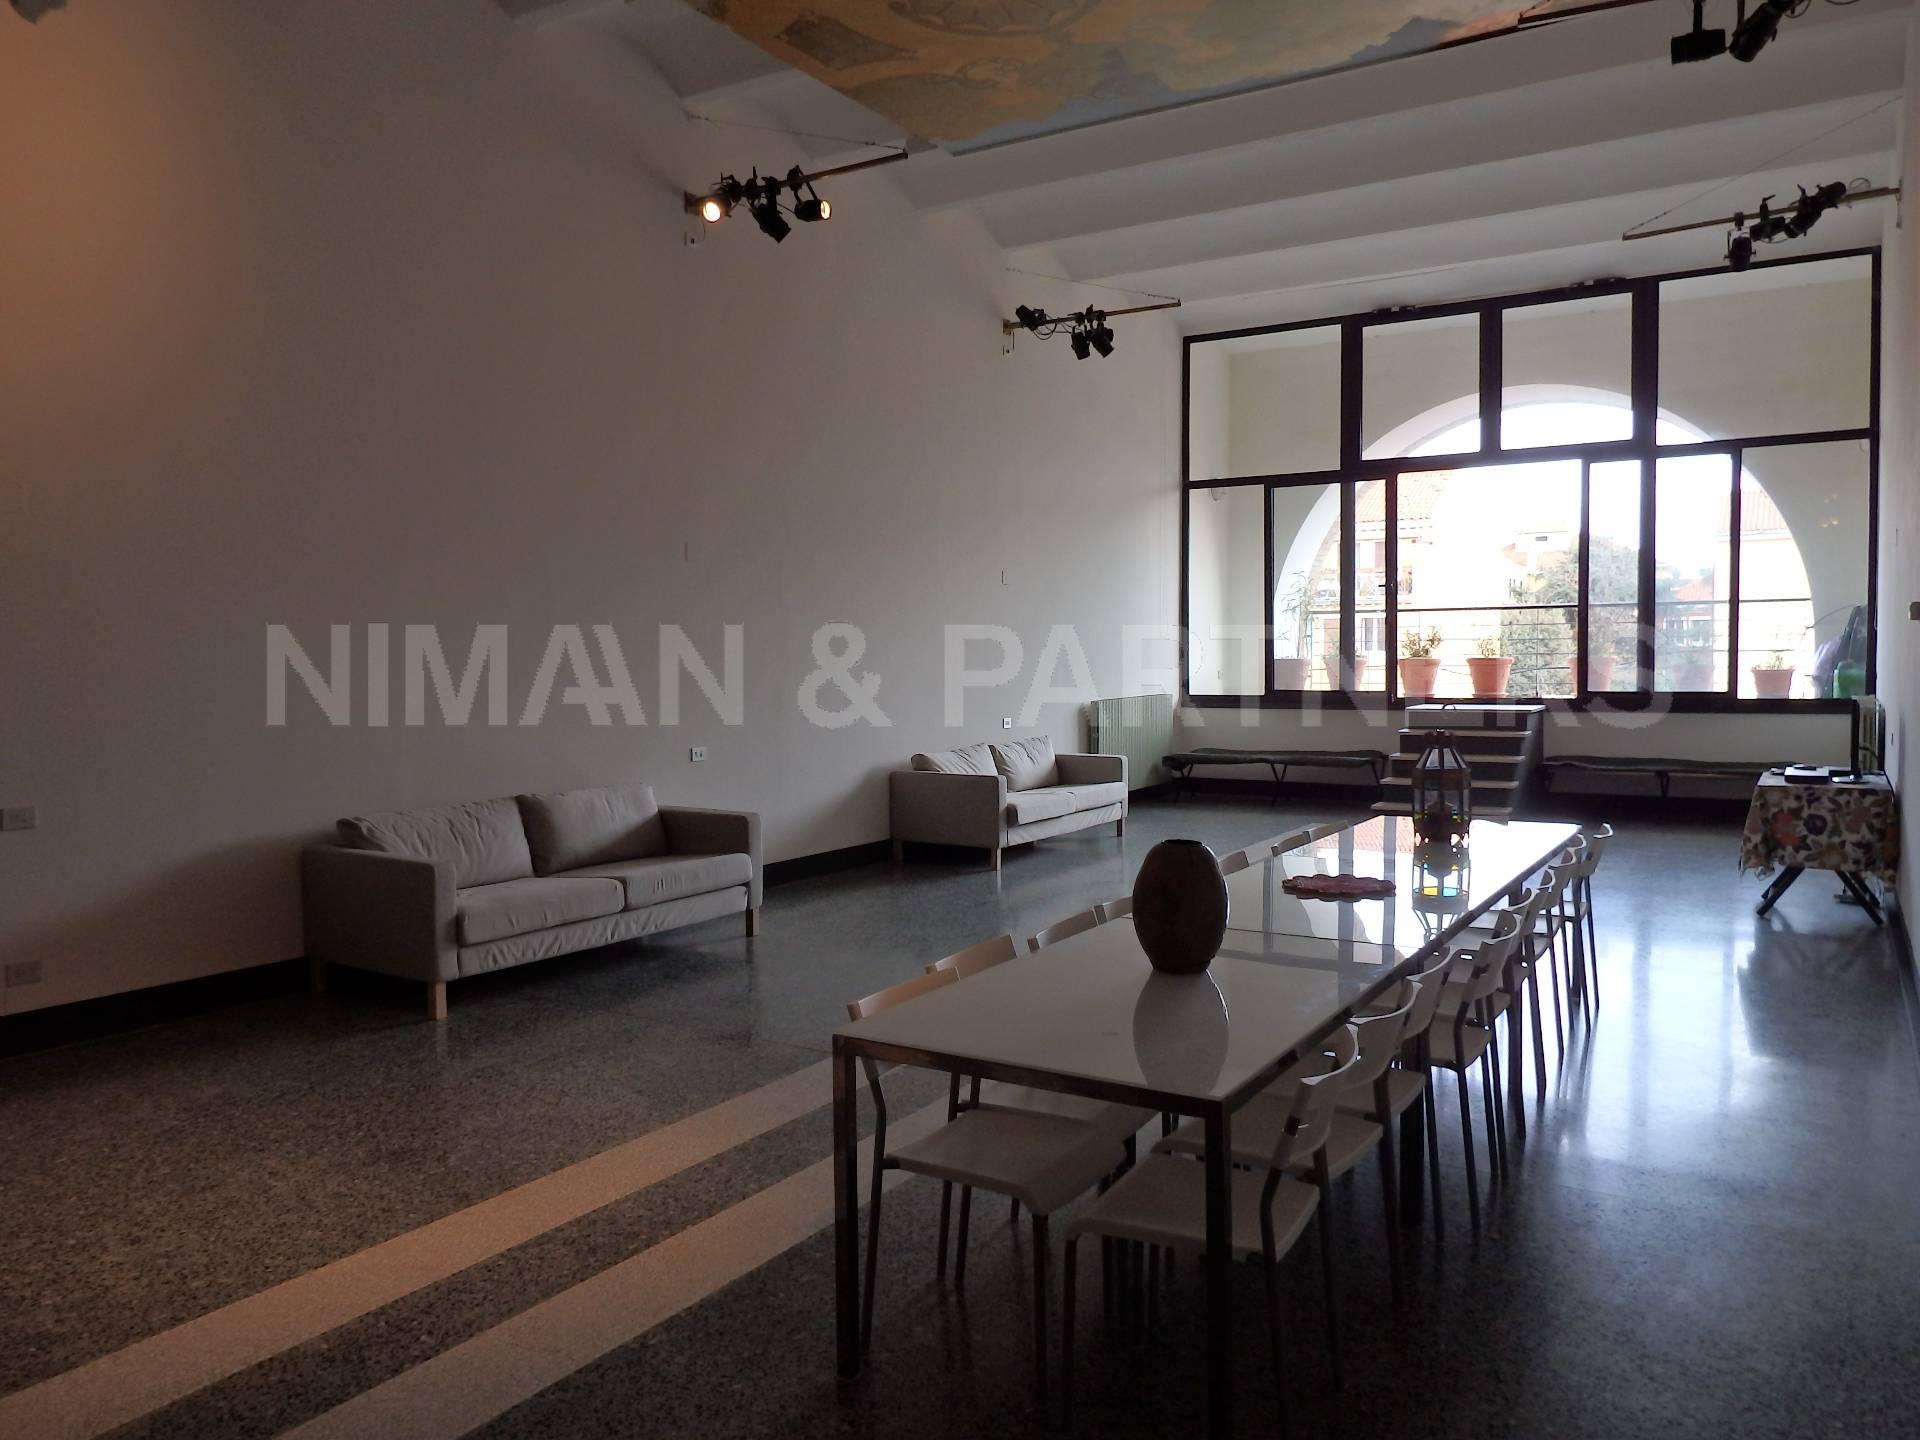 Appartamento in vendita a Venezia, 5 locali, zona Zona: 7 . Giudecca, prezzo € 600.000 | Cambio Casa.it